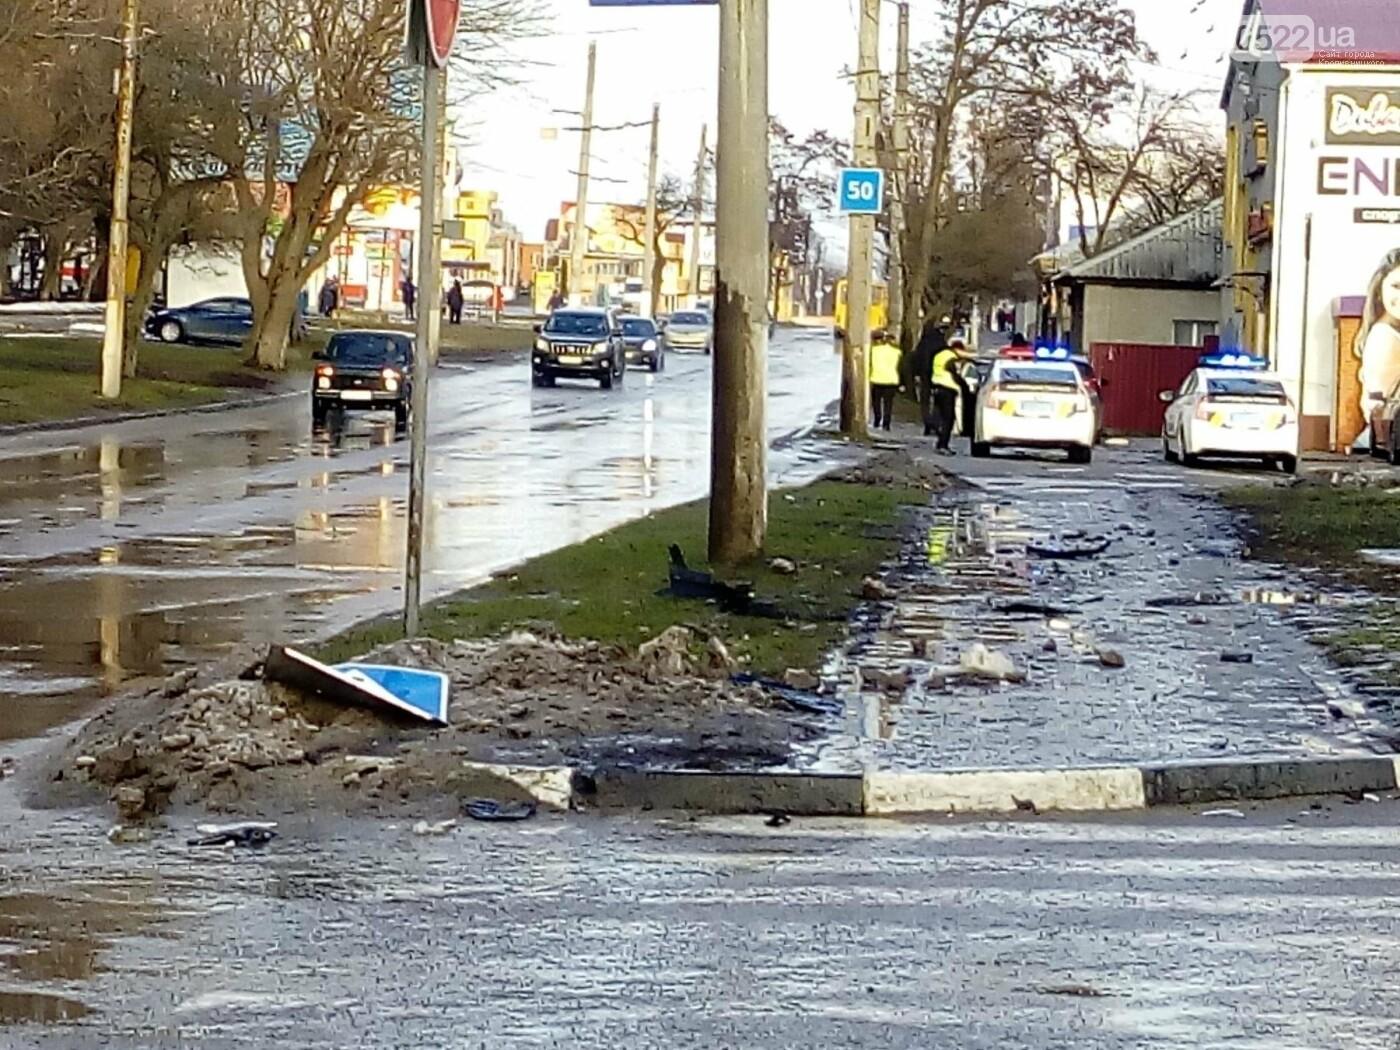 ДТП в Кропивницком: кроссовер сбил дорожный знак. ФОТО, фото-3